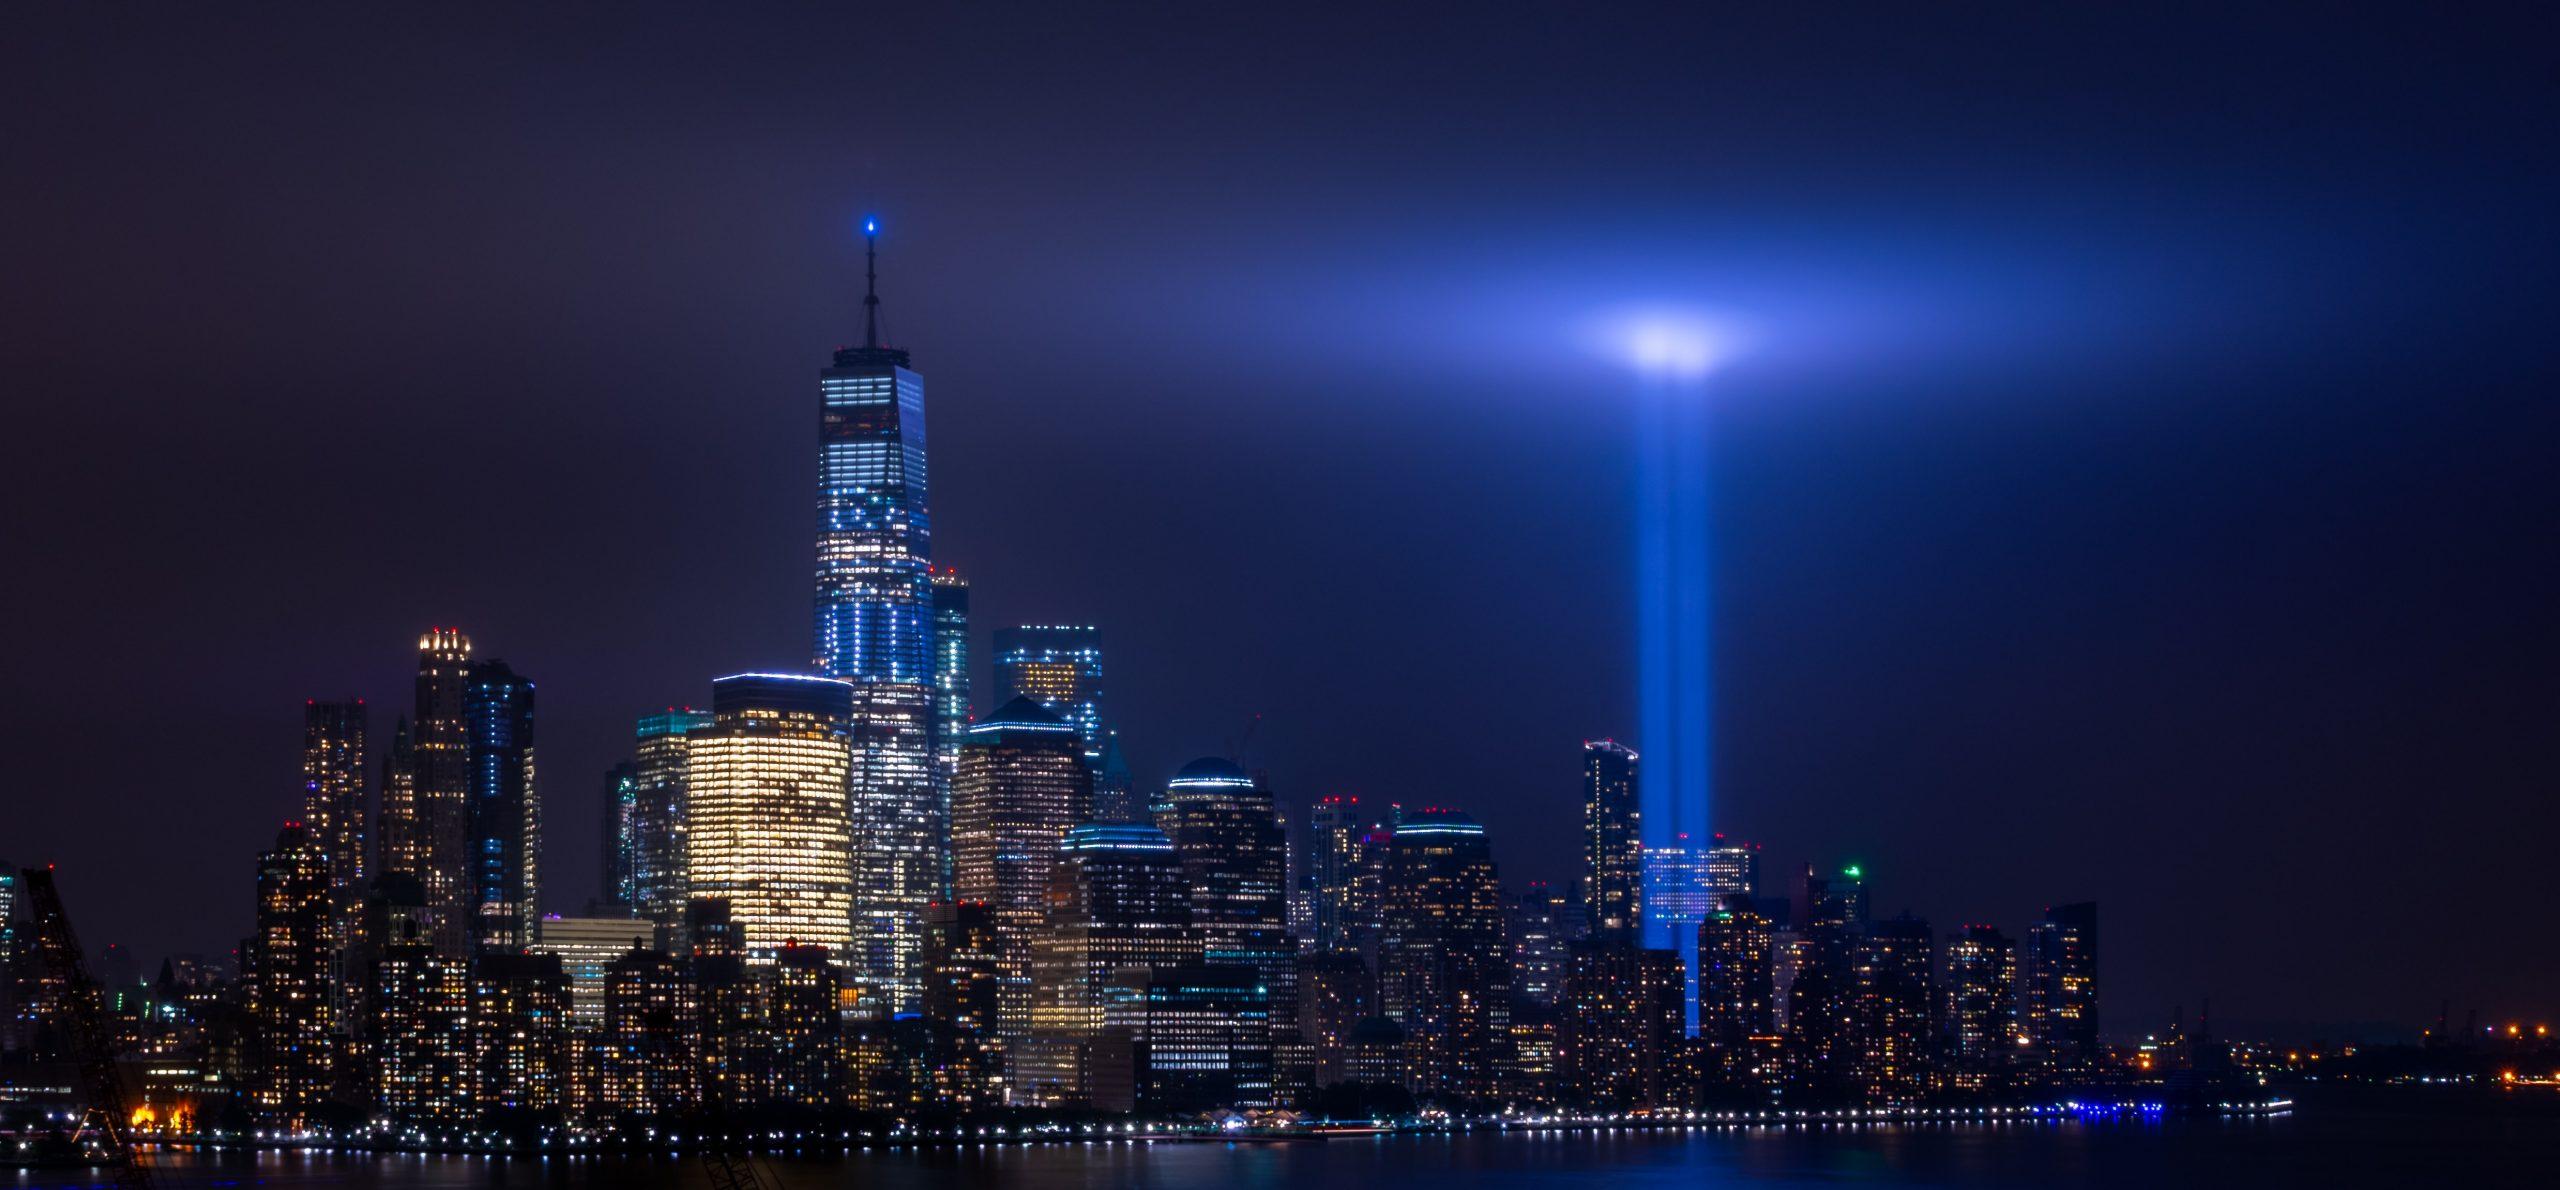 11 septembre – Les attentats qui ont changé le monde